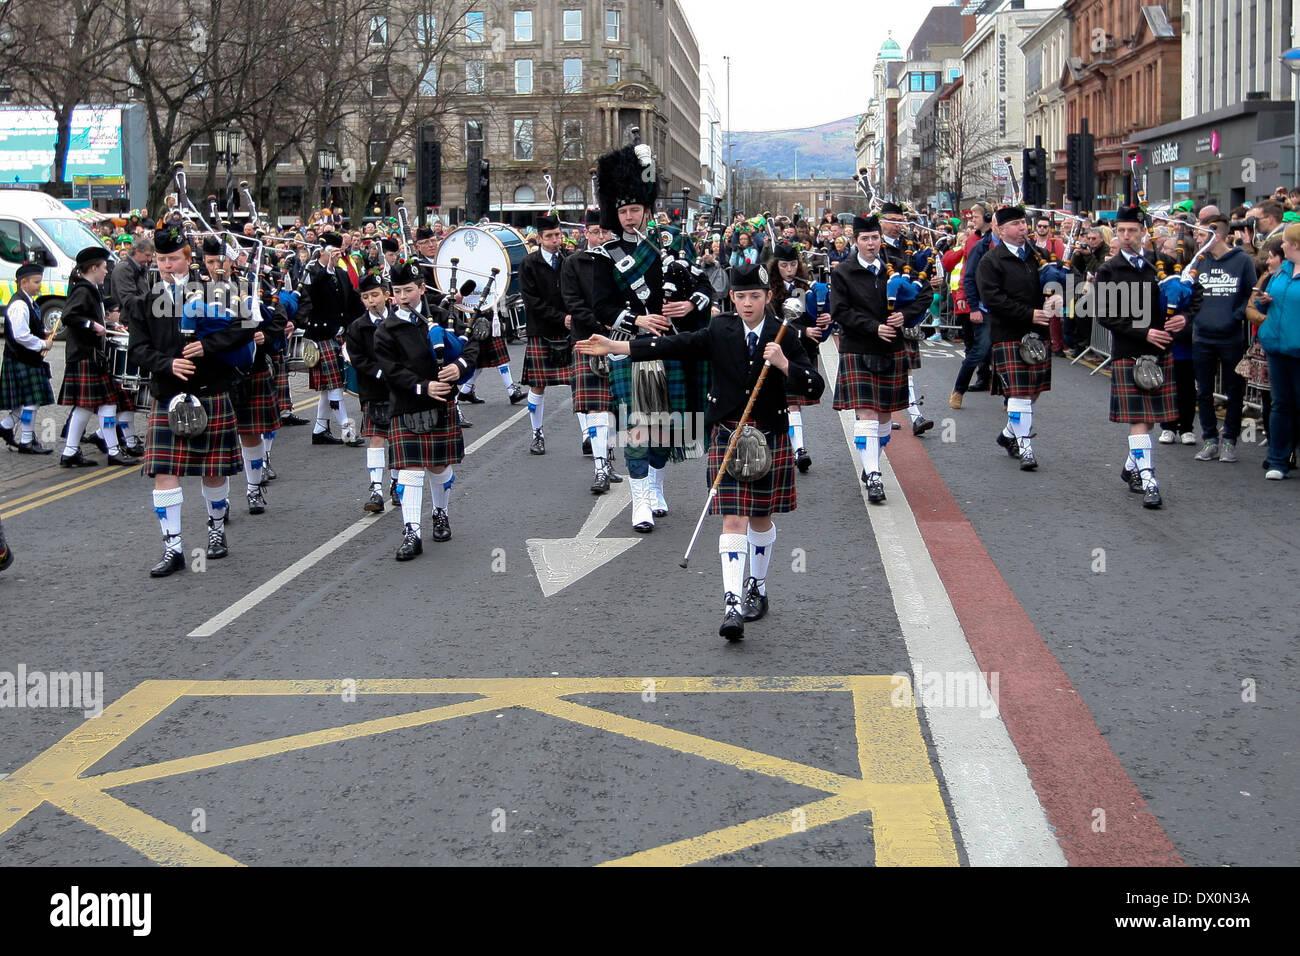 Belfast, Royaume-Uni 16 mars, 2014. Pipe Band à la tête de la procession à la St Patrick's Day Celebration à Belfast Banque D'Images